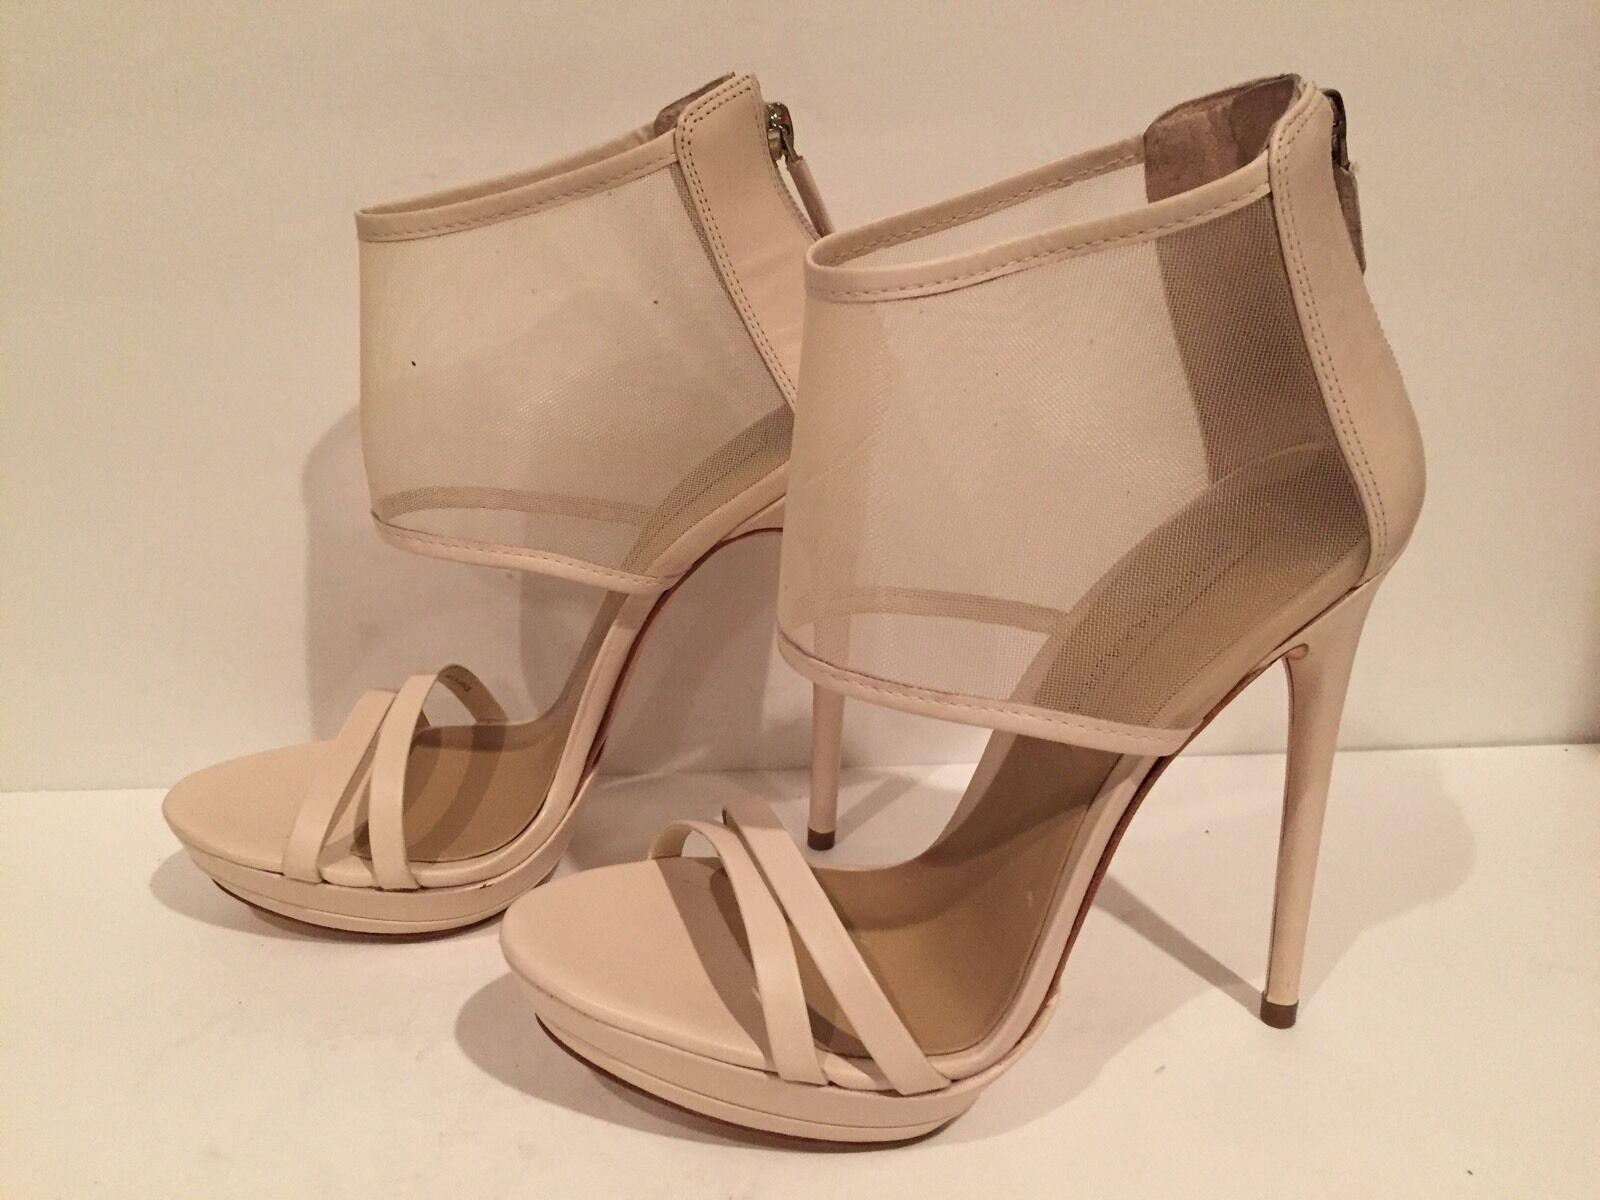 protezione post-vendita BCBG Max Azria Ferned Sandals Sandals Sandals Heel Leather Mesh Natural 8 M 38  275 Worn Once  fornire un prodotto di qualità